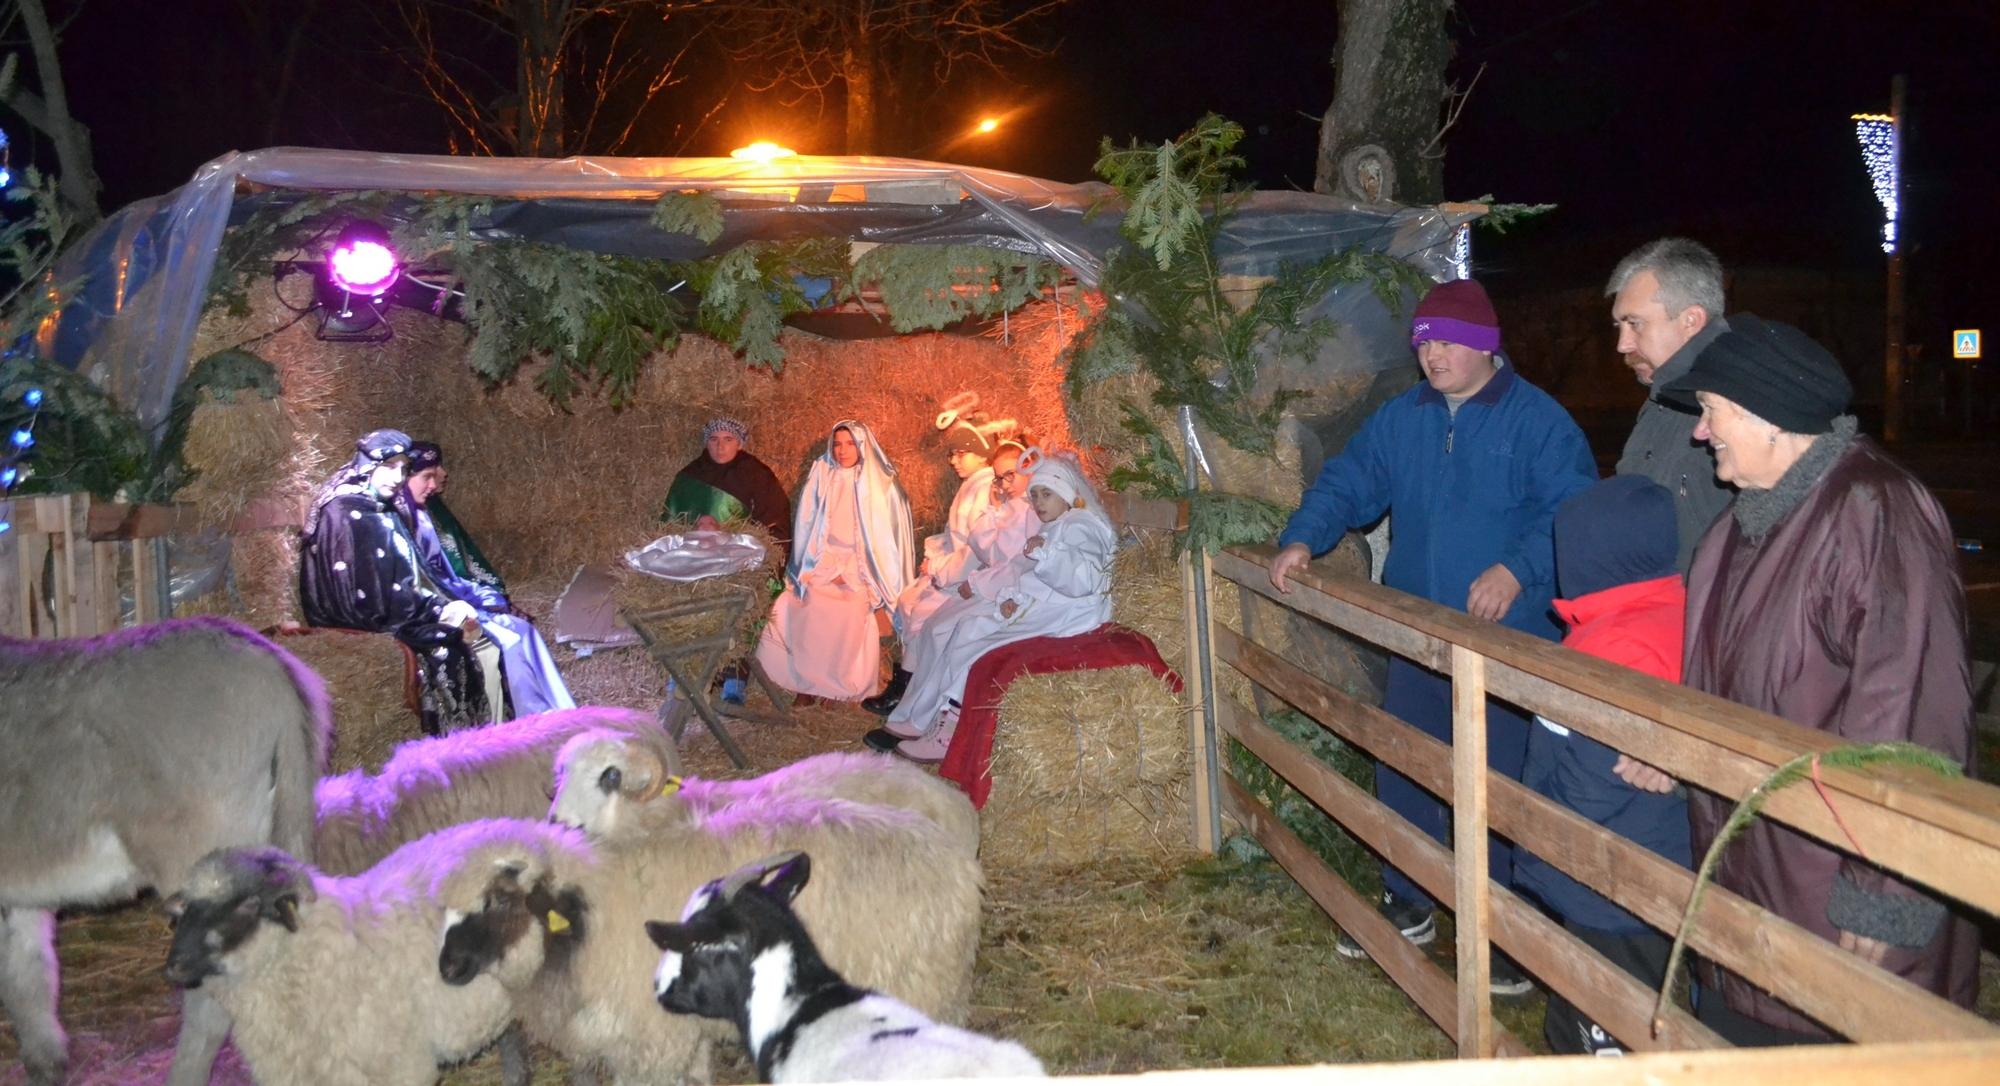 Obiceiurile de Crăciun, păstrate printr-un proiect cu fonduri europene (GALERIE FOTO)